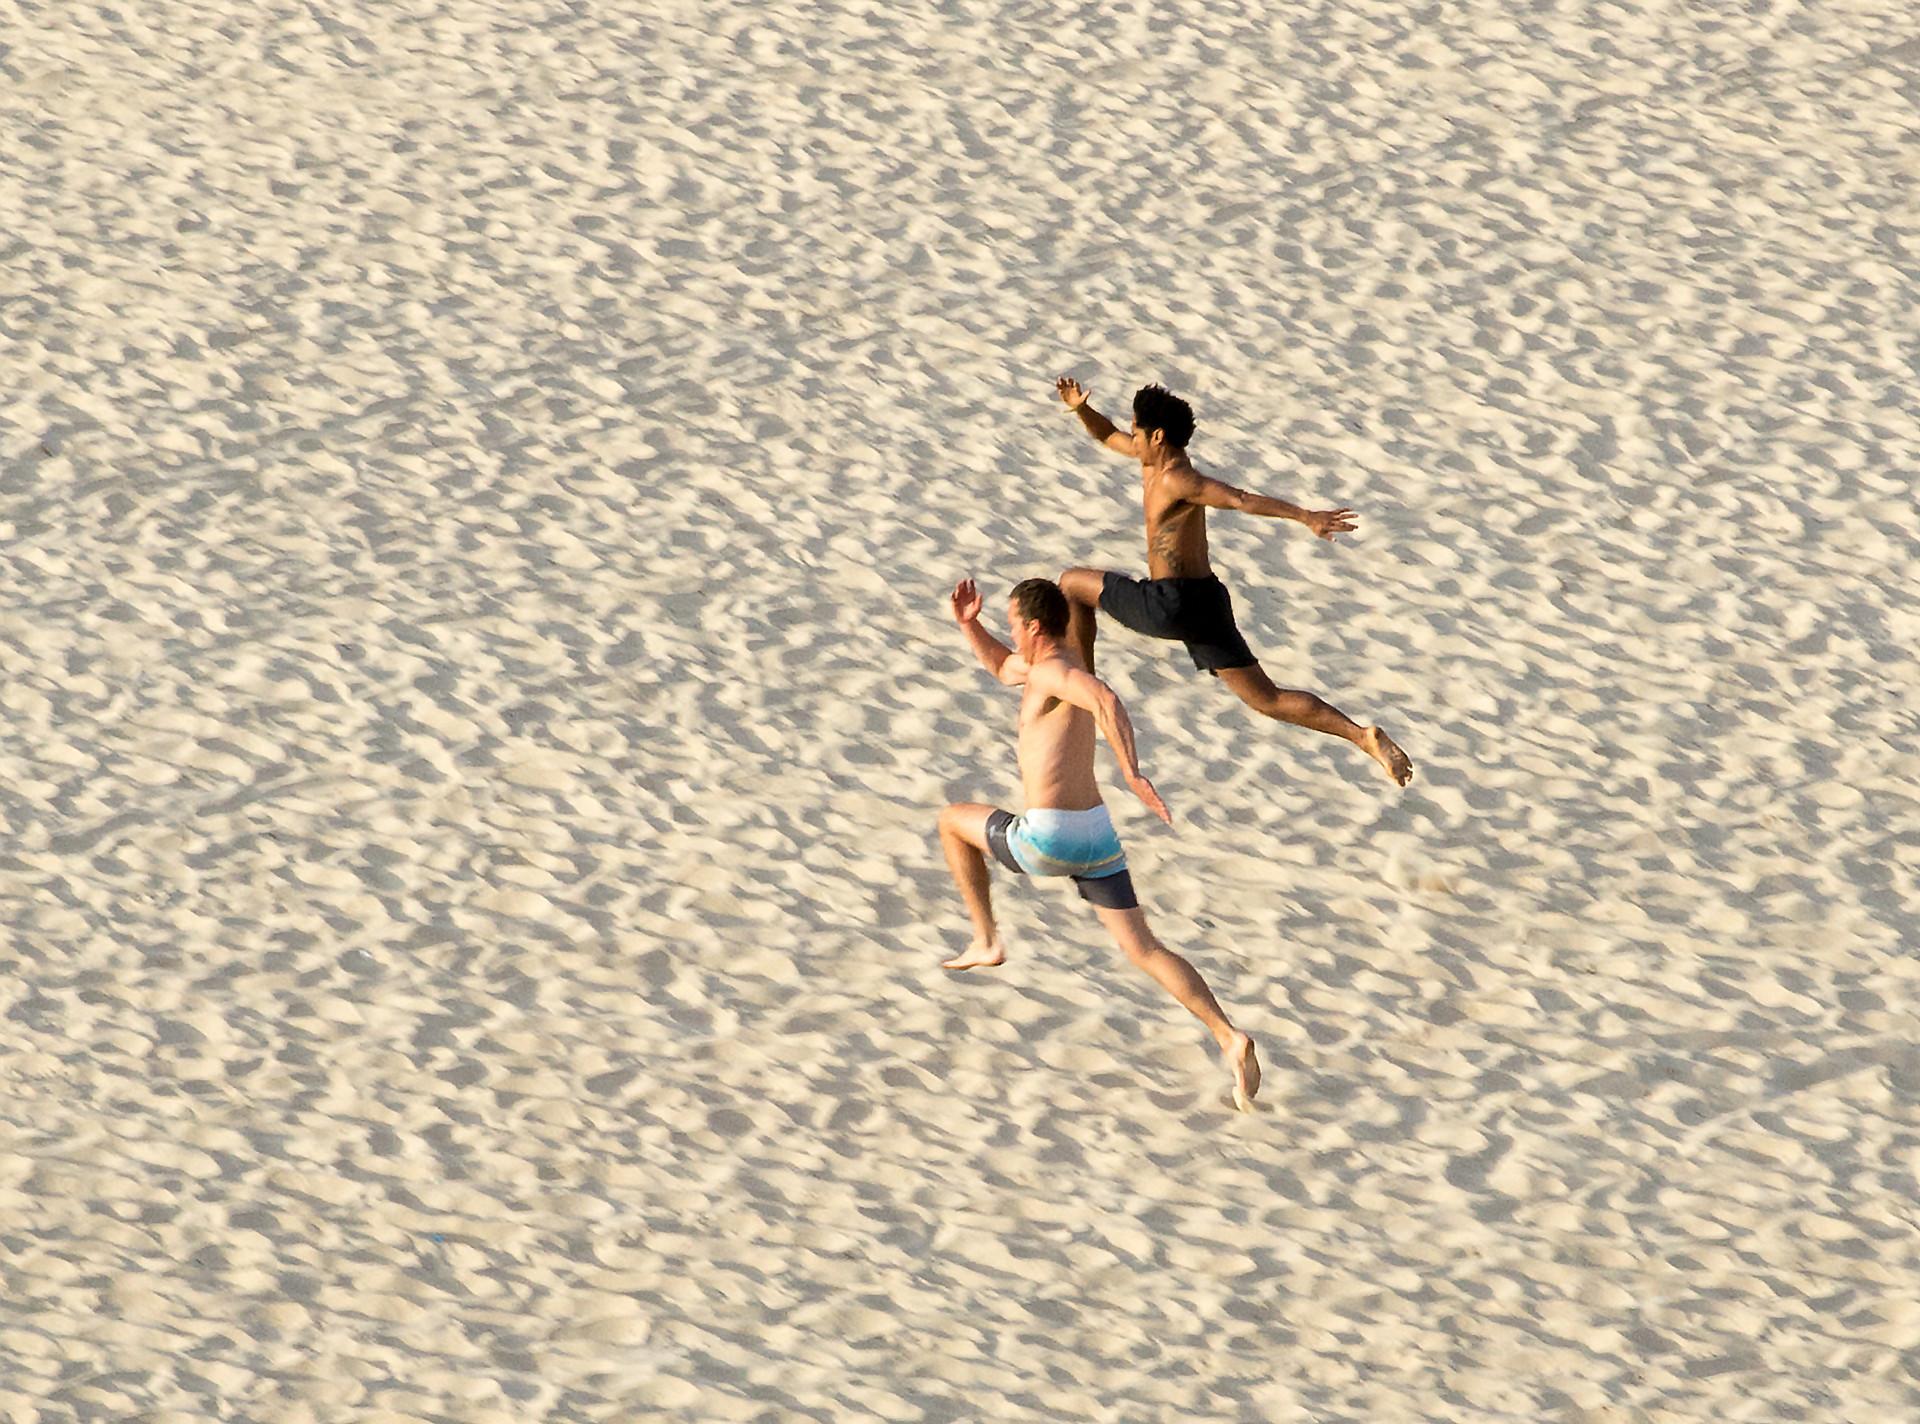 race, Bondi Beach